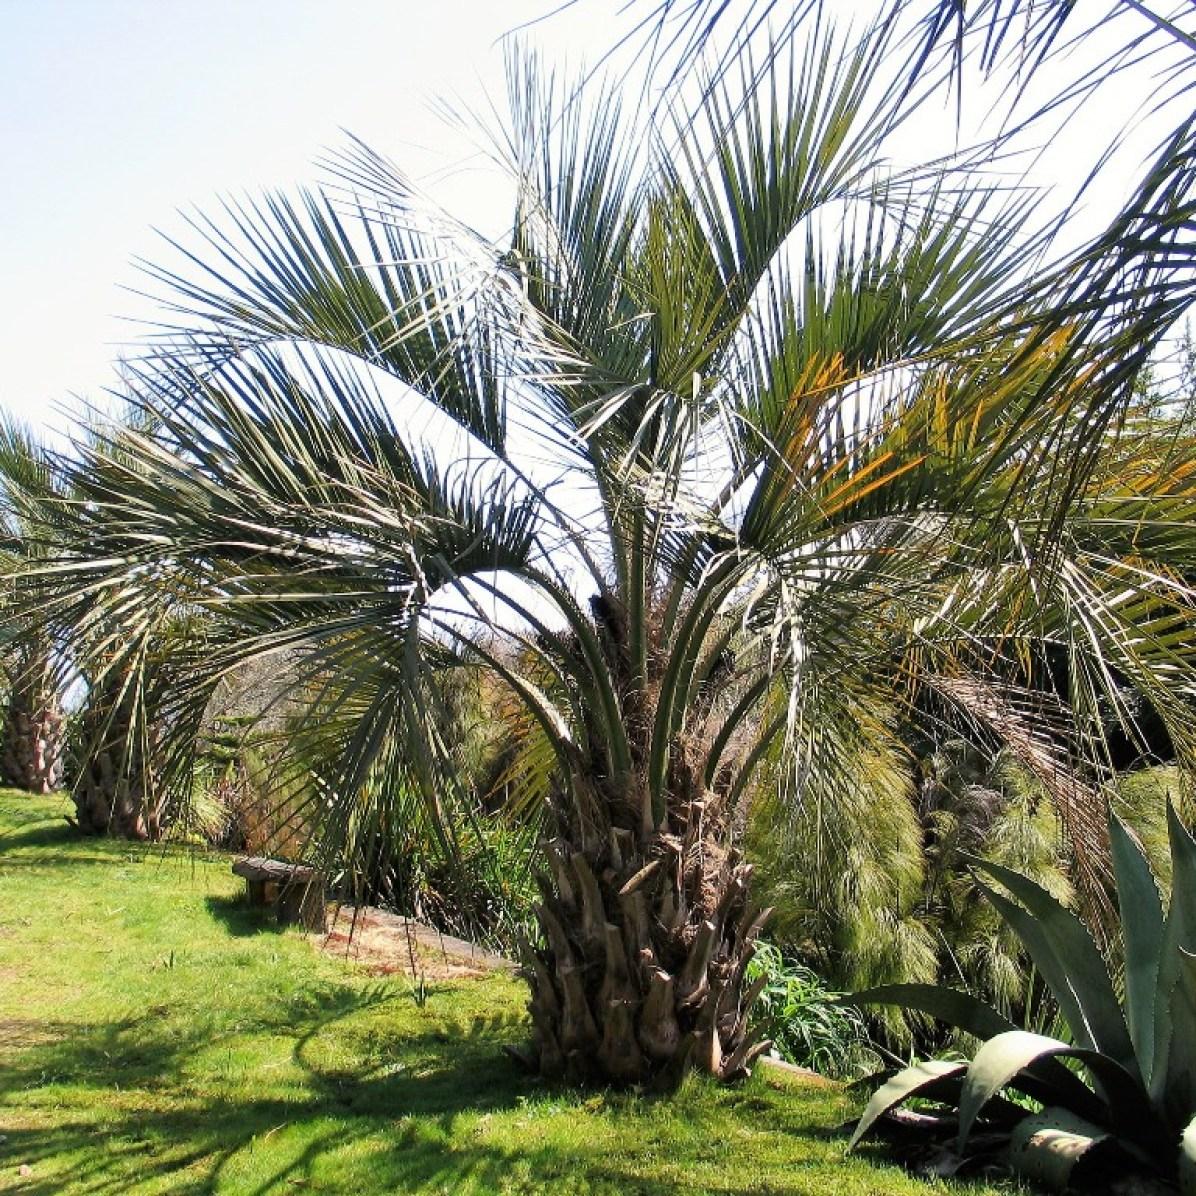 avenue of butea capitata palms